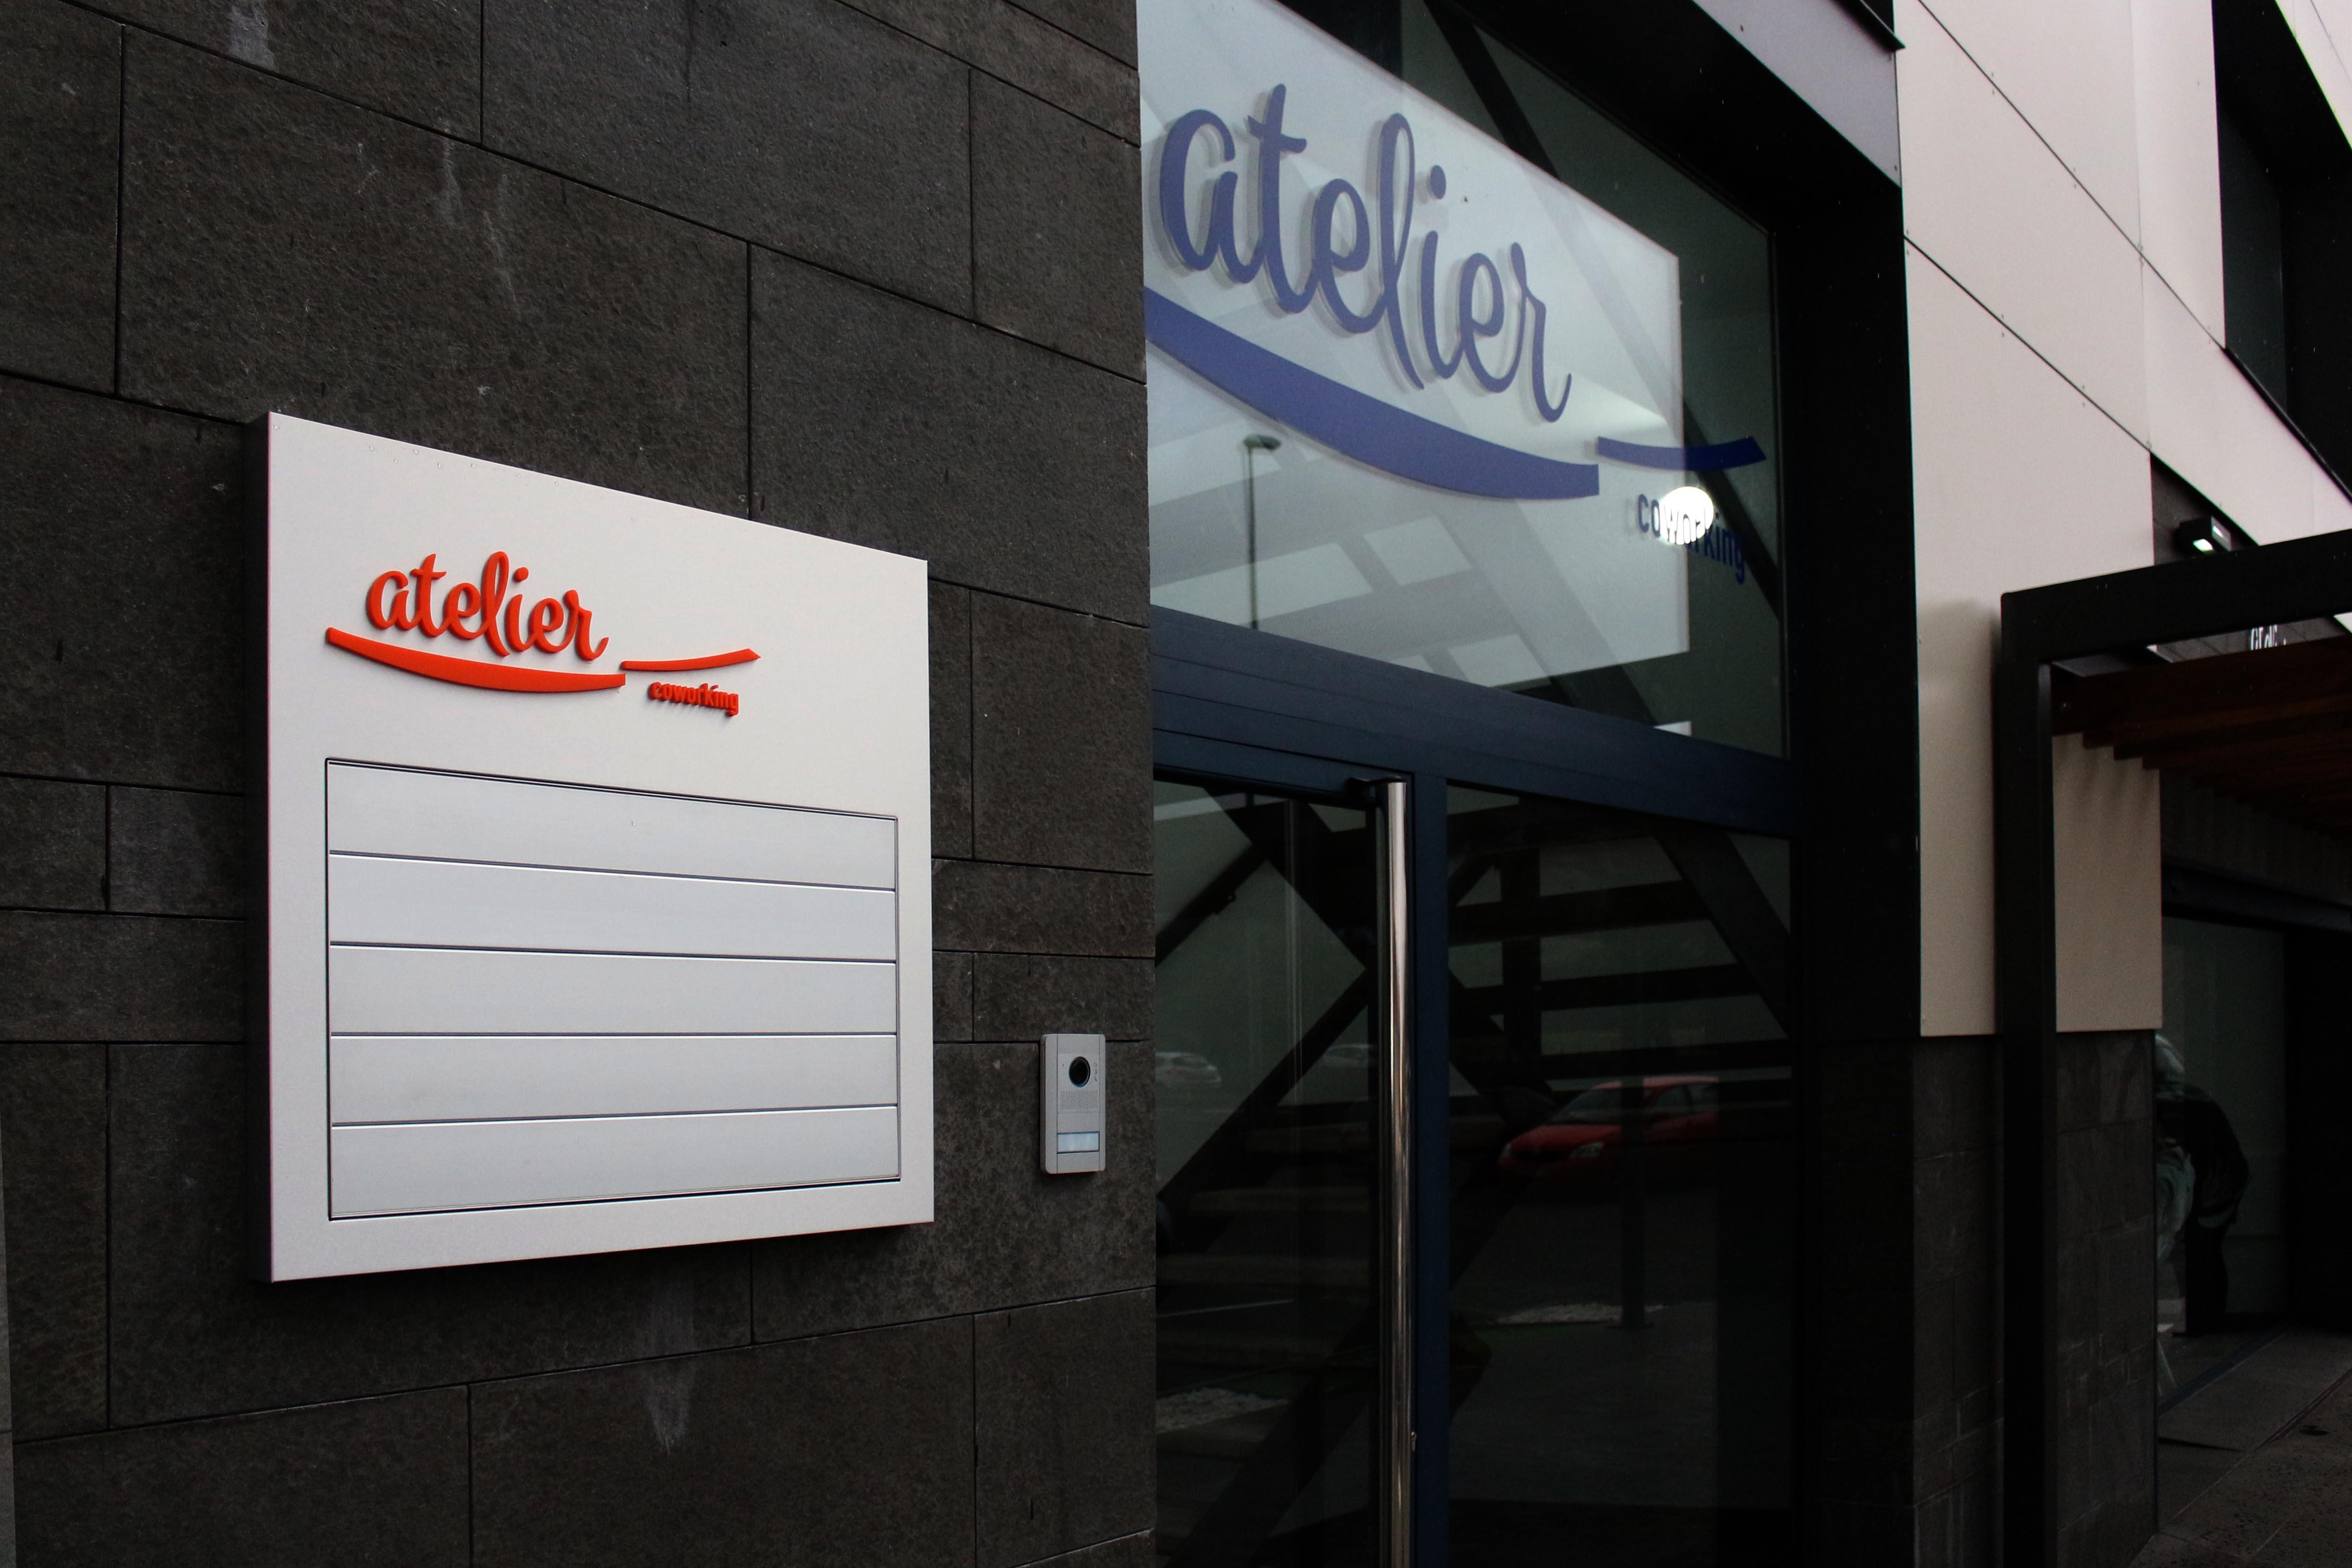 Rotulación en vinilo Mactac y directorio en lams de aluminio, atelier Coworking , Tenerife